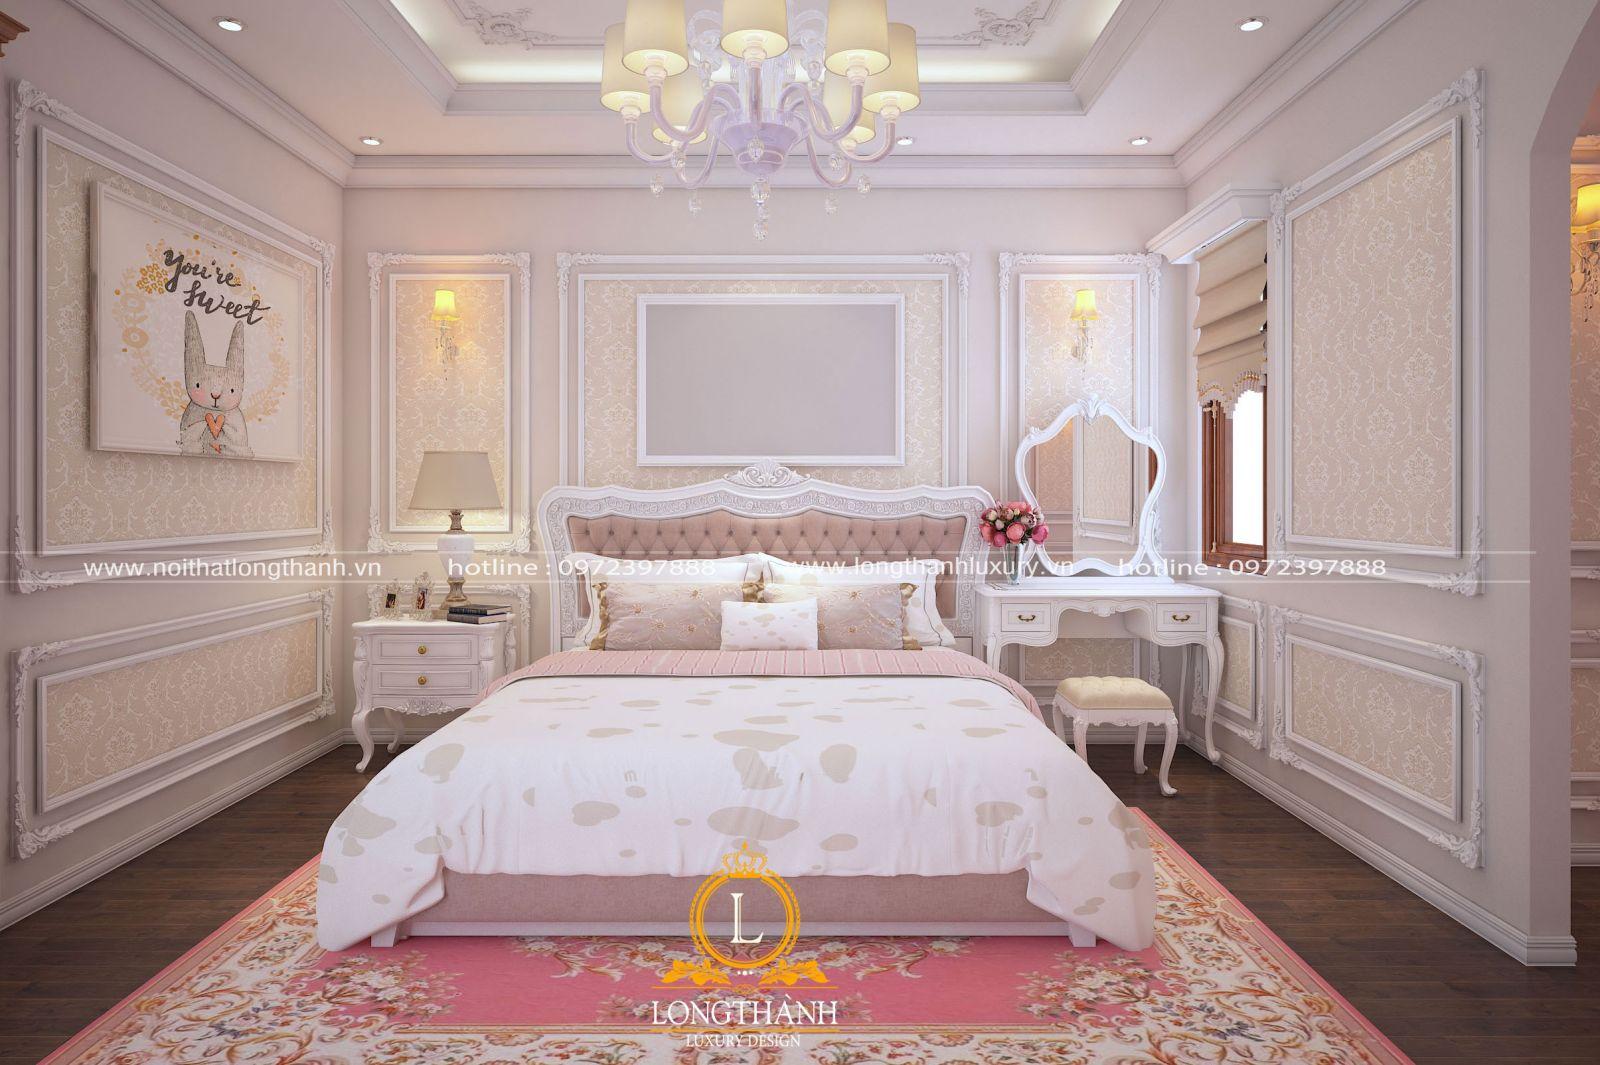 Phòng ngủ tân cổ điển cho bé gái đáng yêu